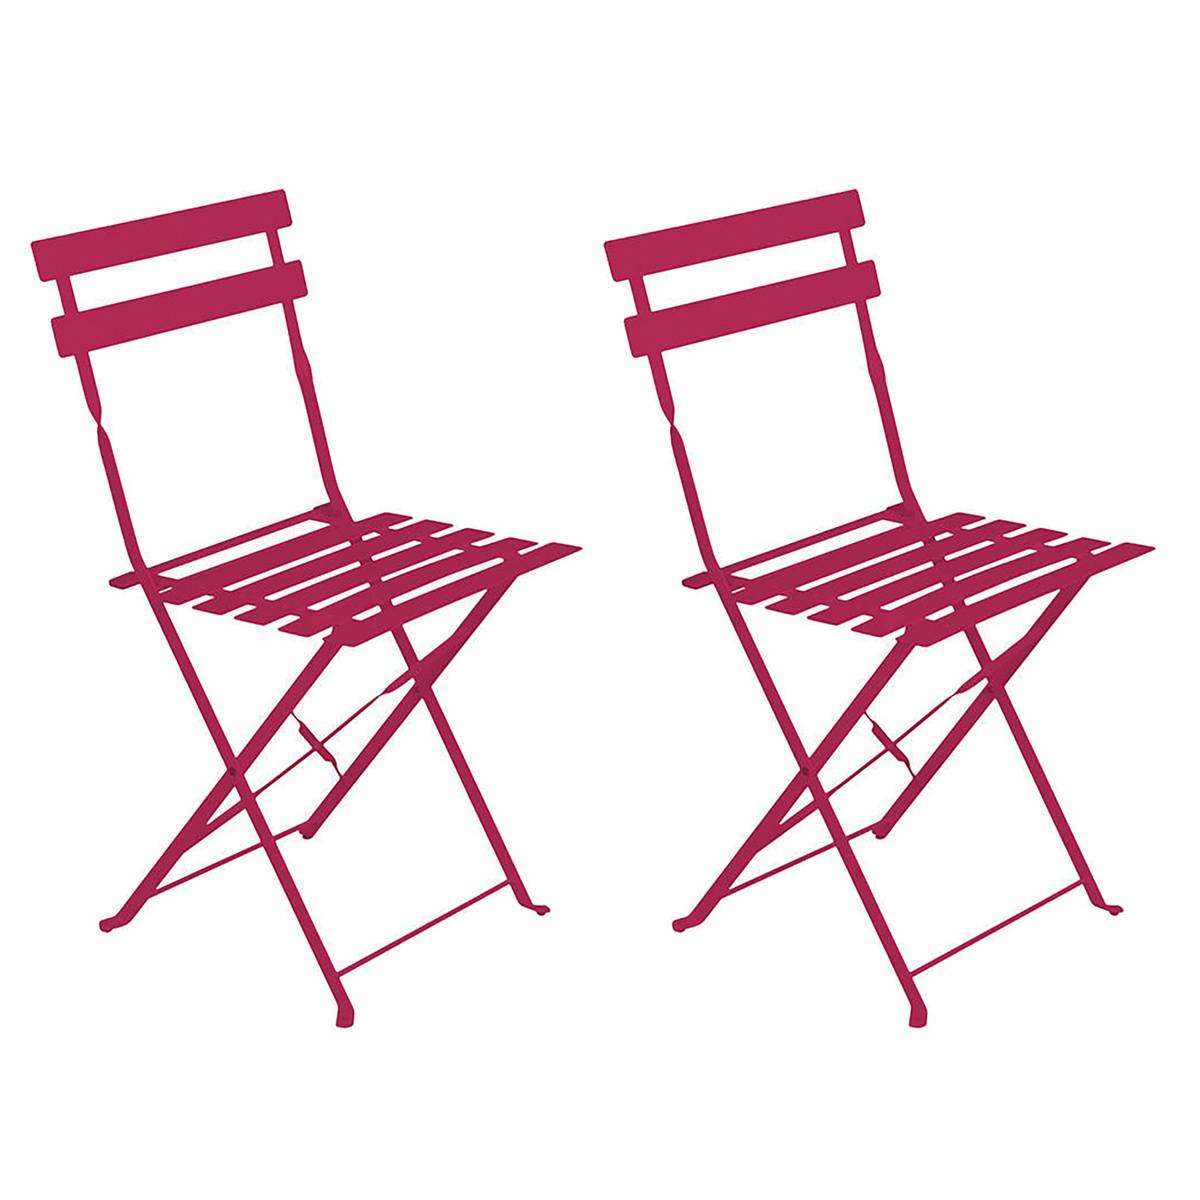 Chaise Pliante Sete Framboise destiné Chaise De Jardin Hesperide